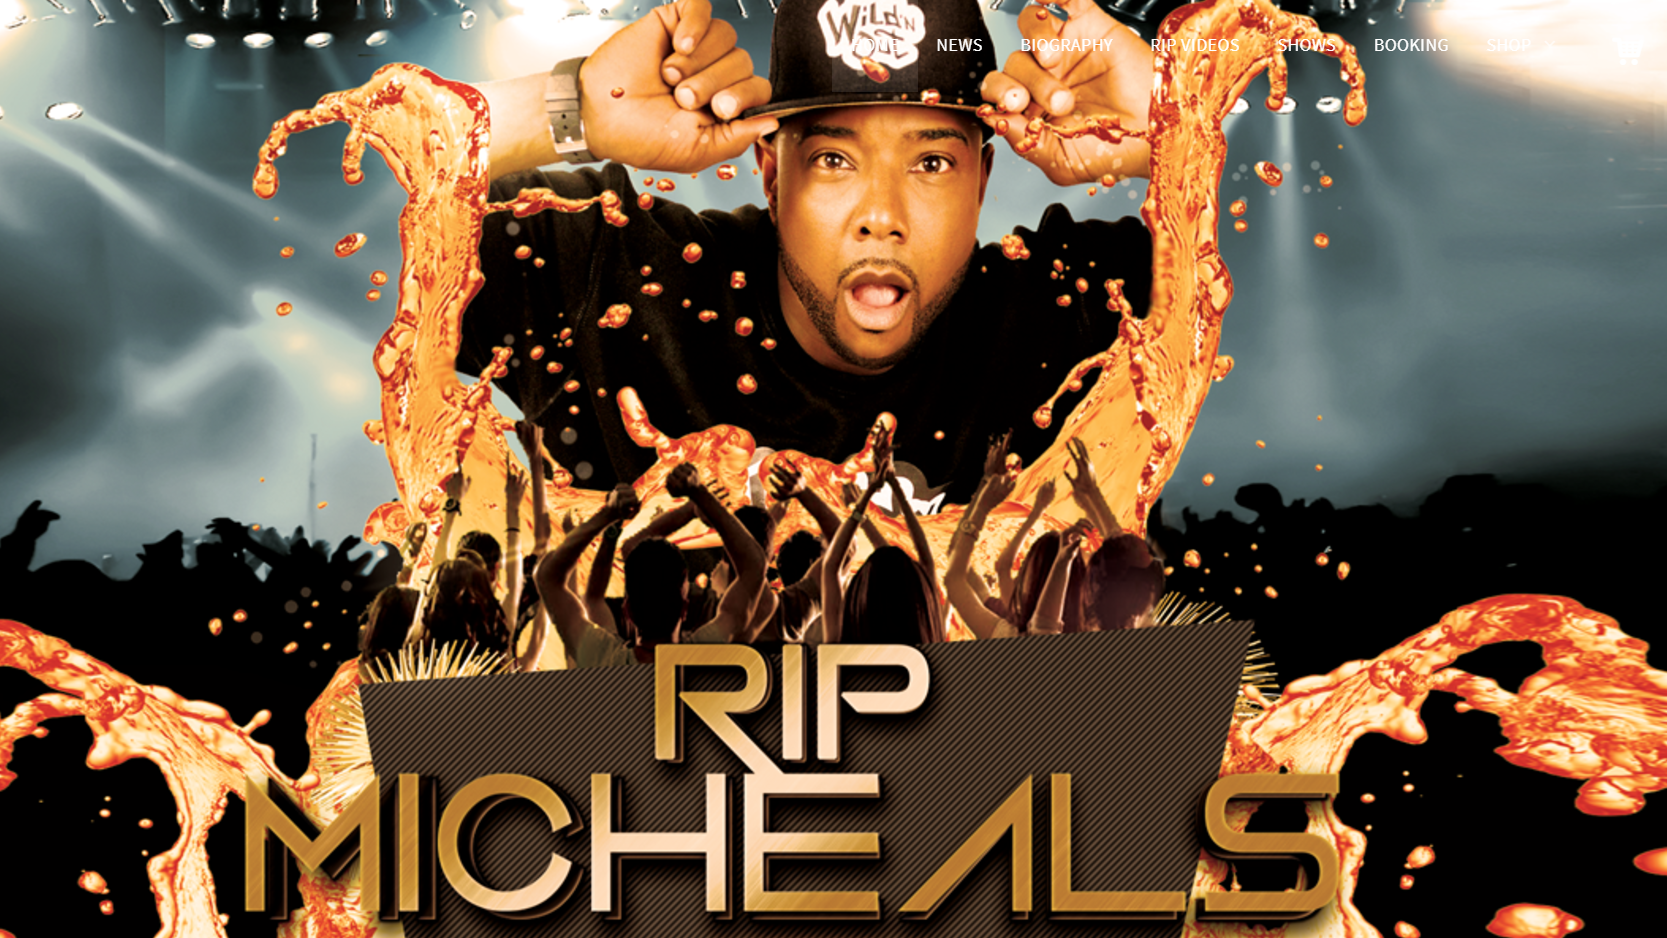 RIP MICHEALS-WNO